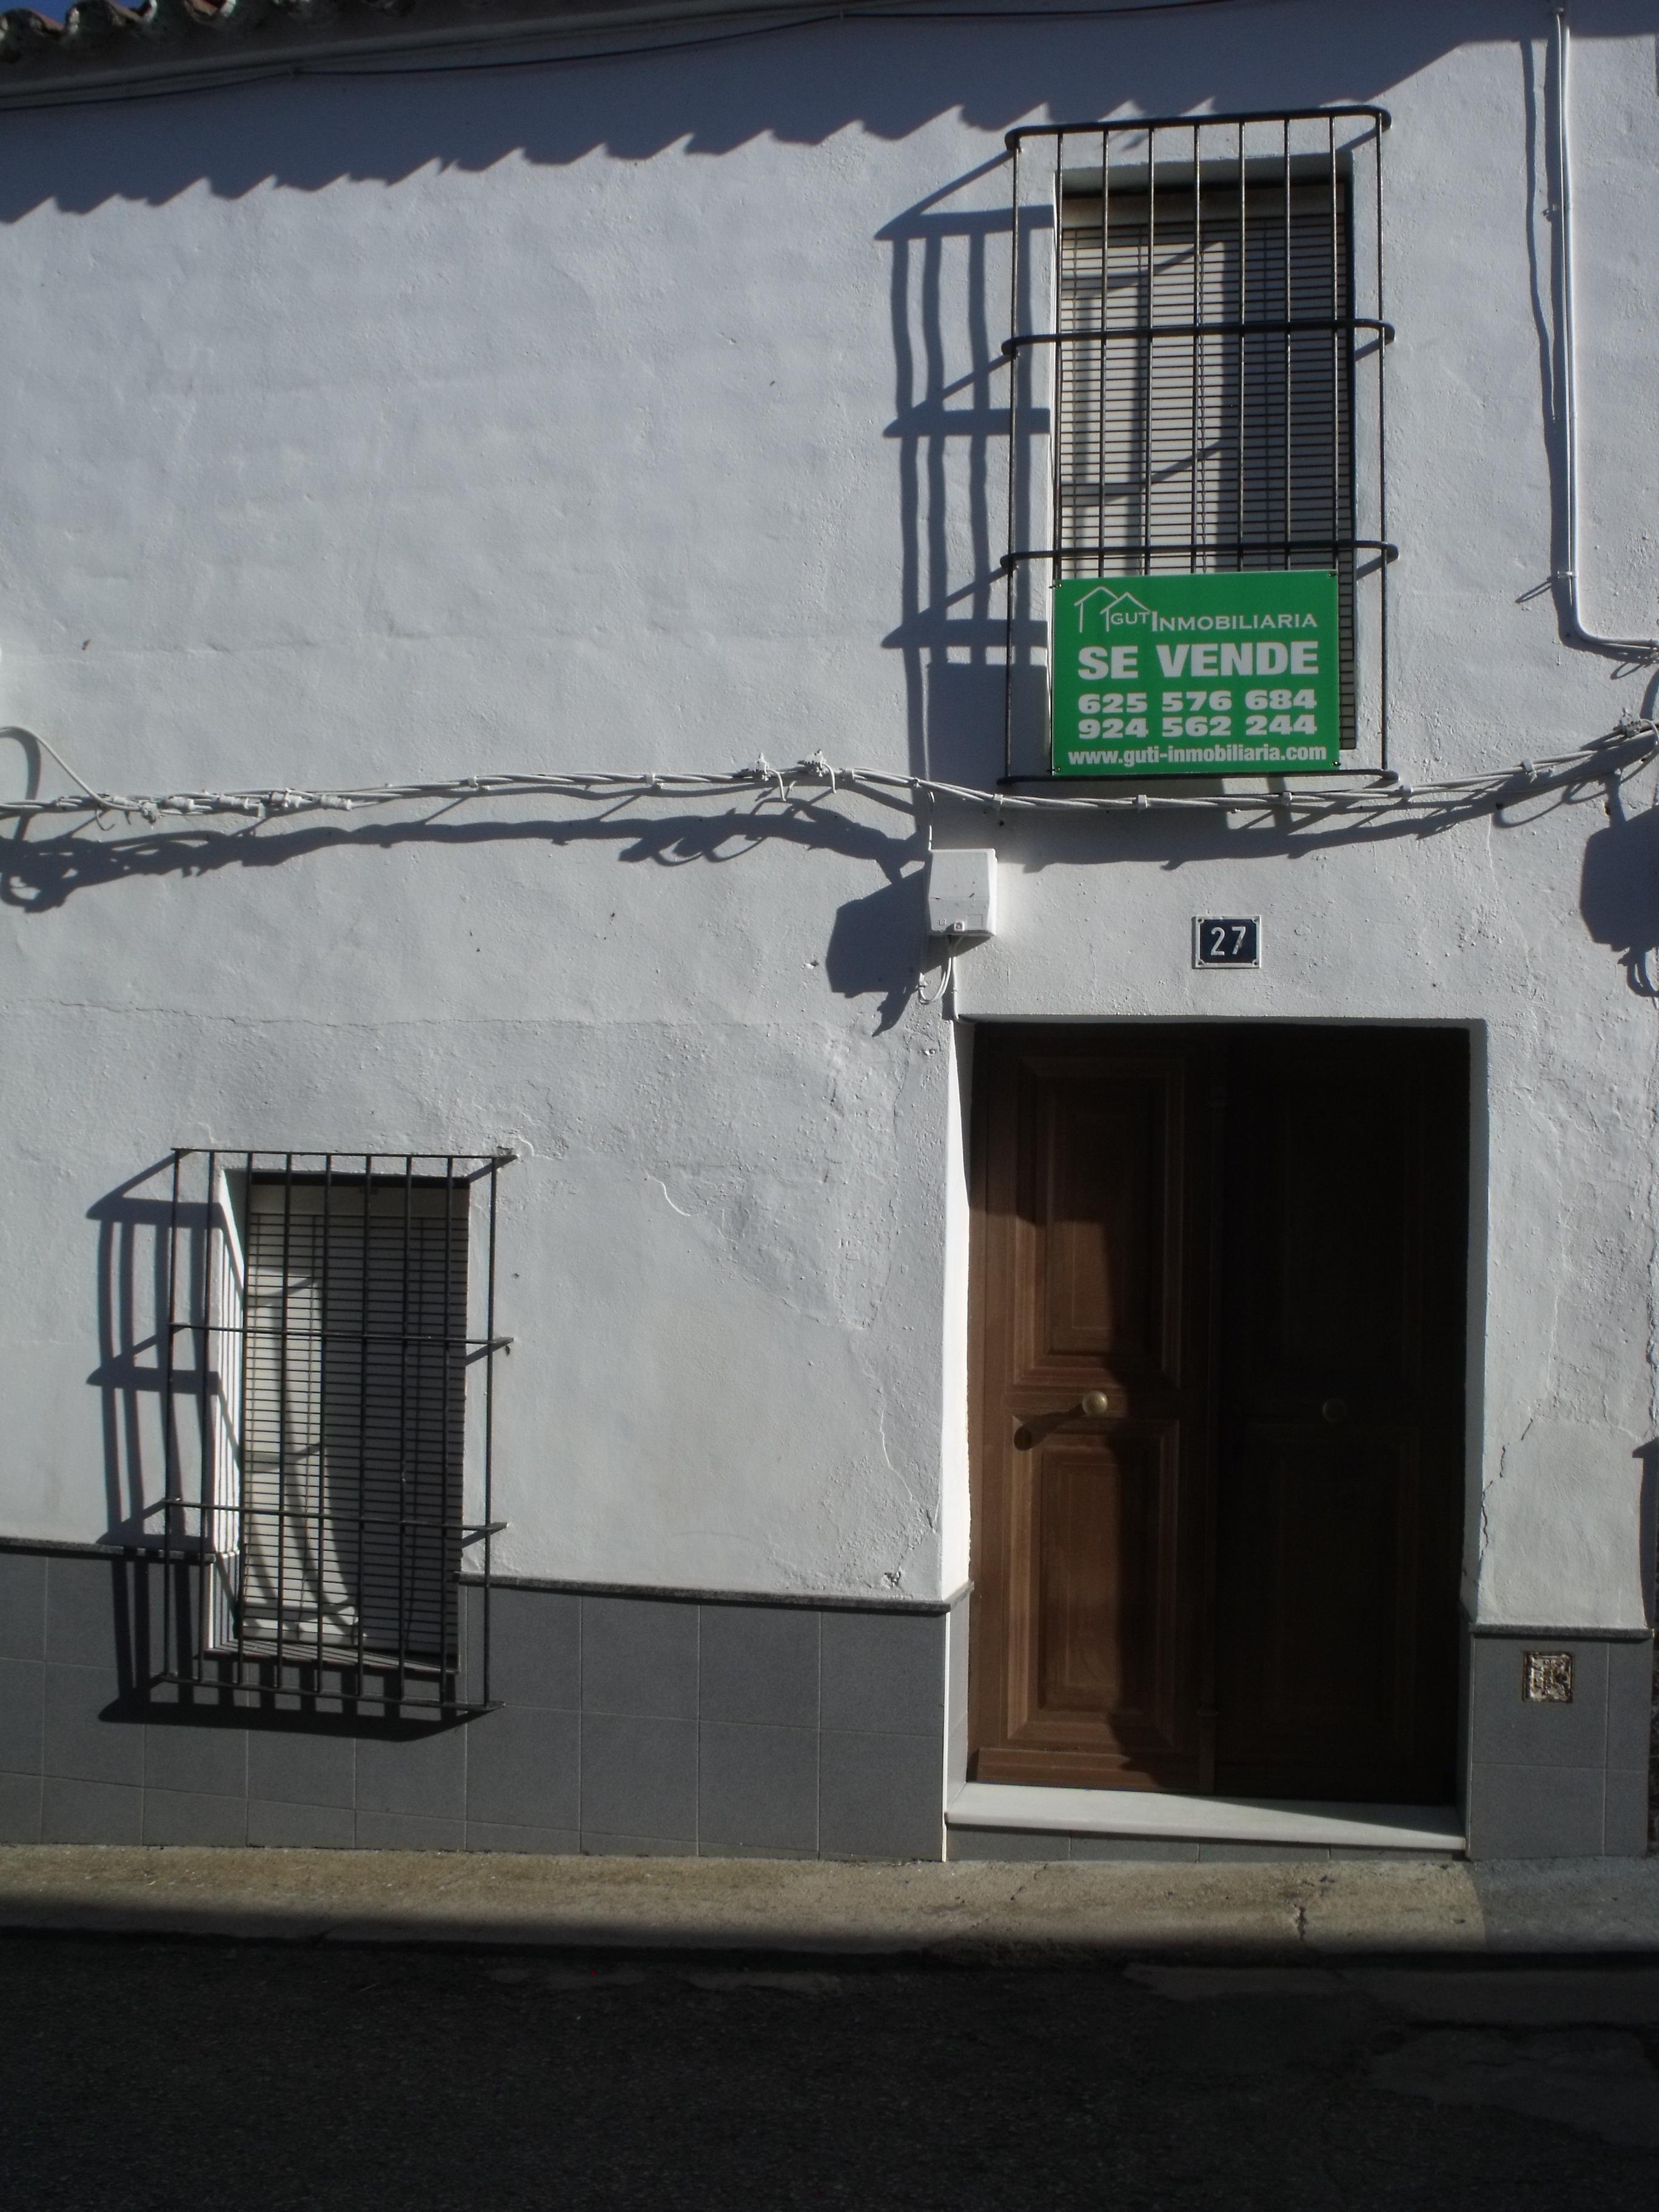 Guti inmobiliaria agencia inmobiliaria en el sur de badajoz for Agencia inmobiliaria